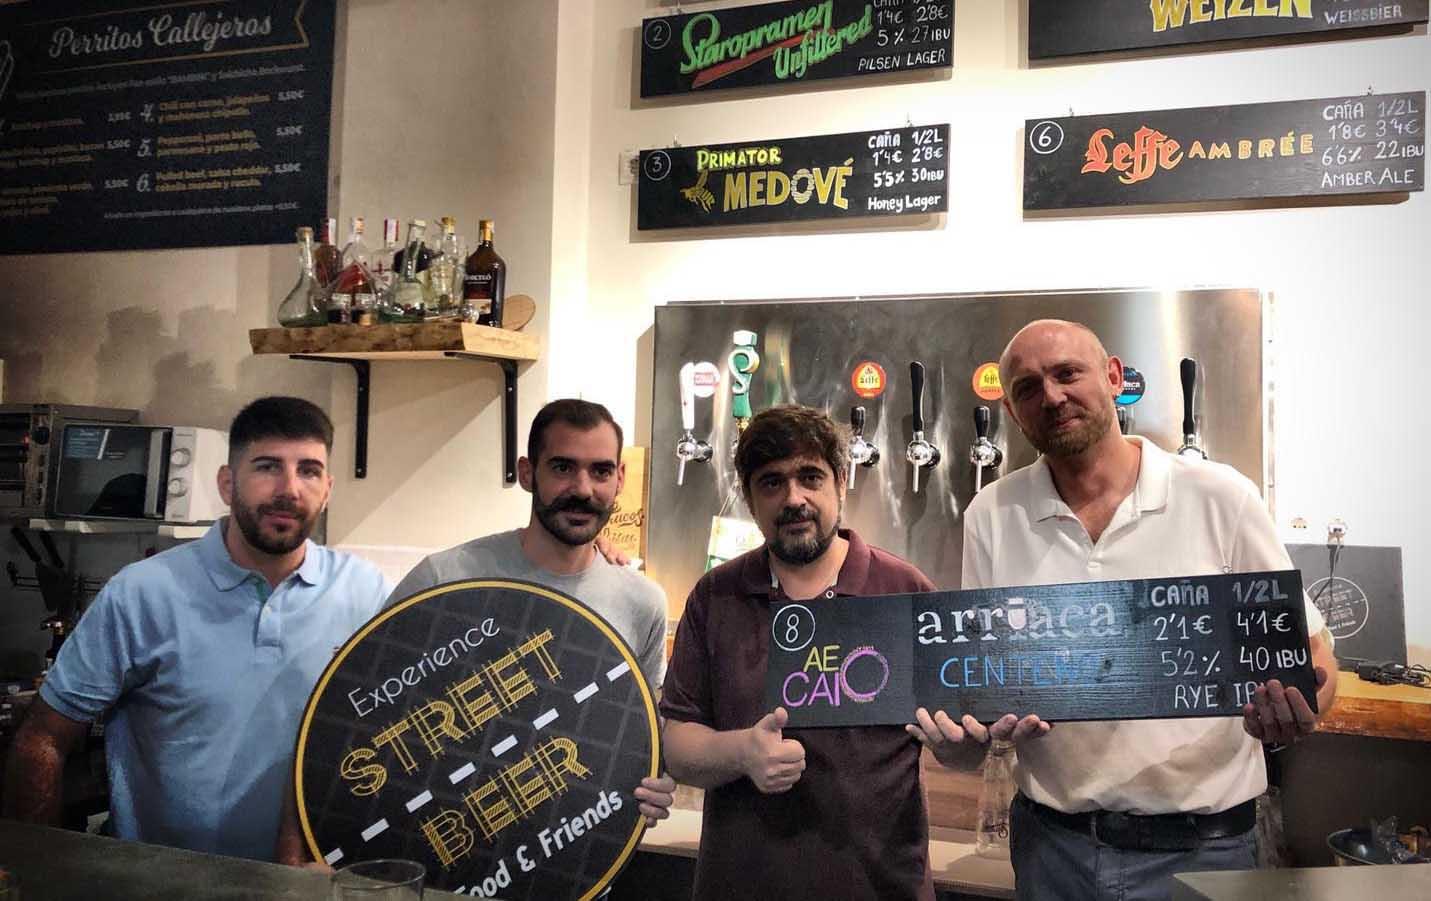 street-beer-sevilla-grifos-aecai-2des